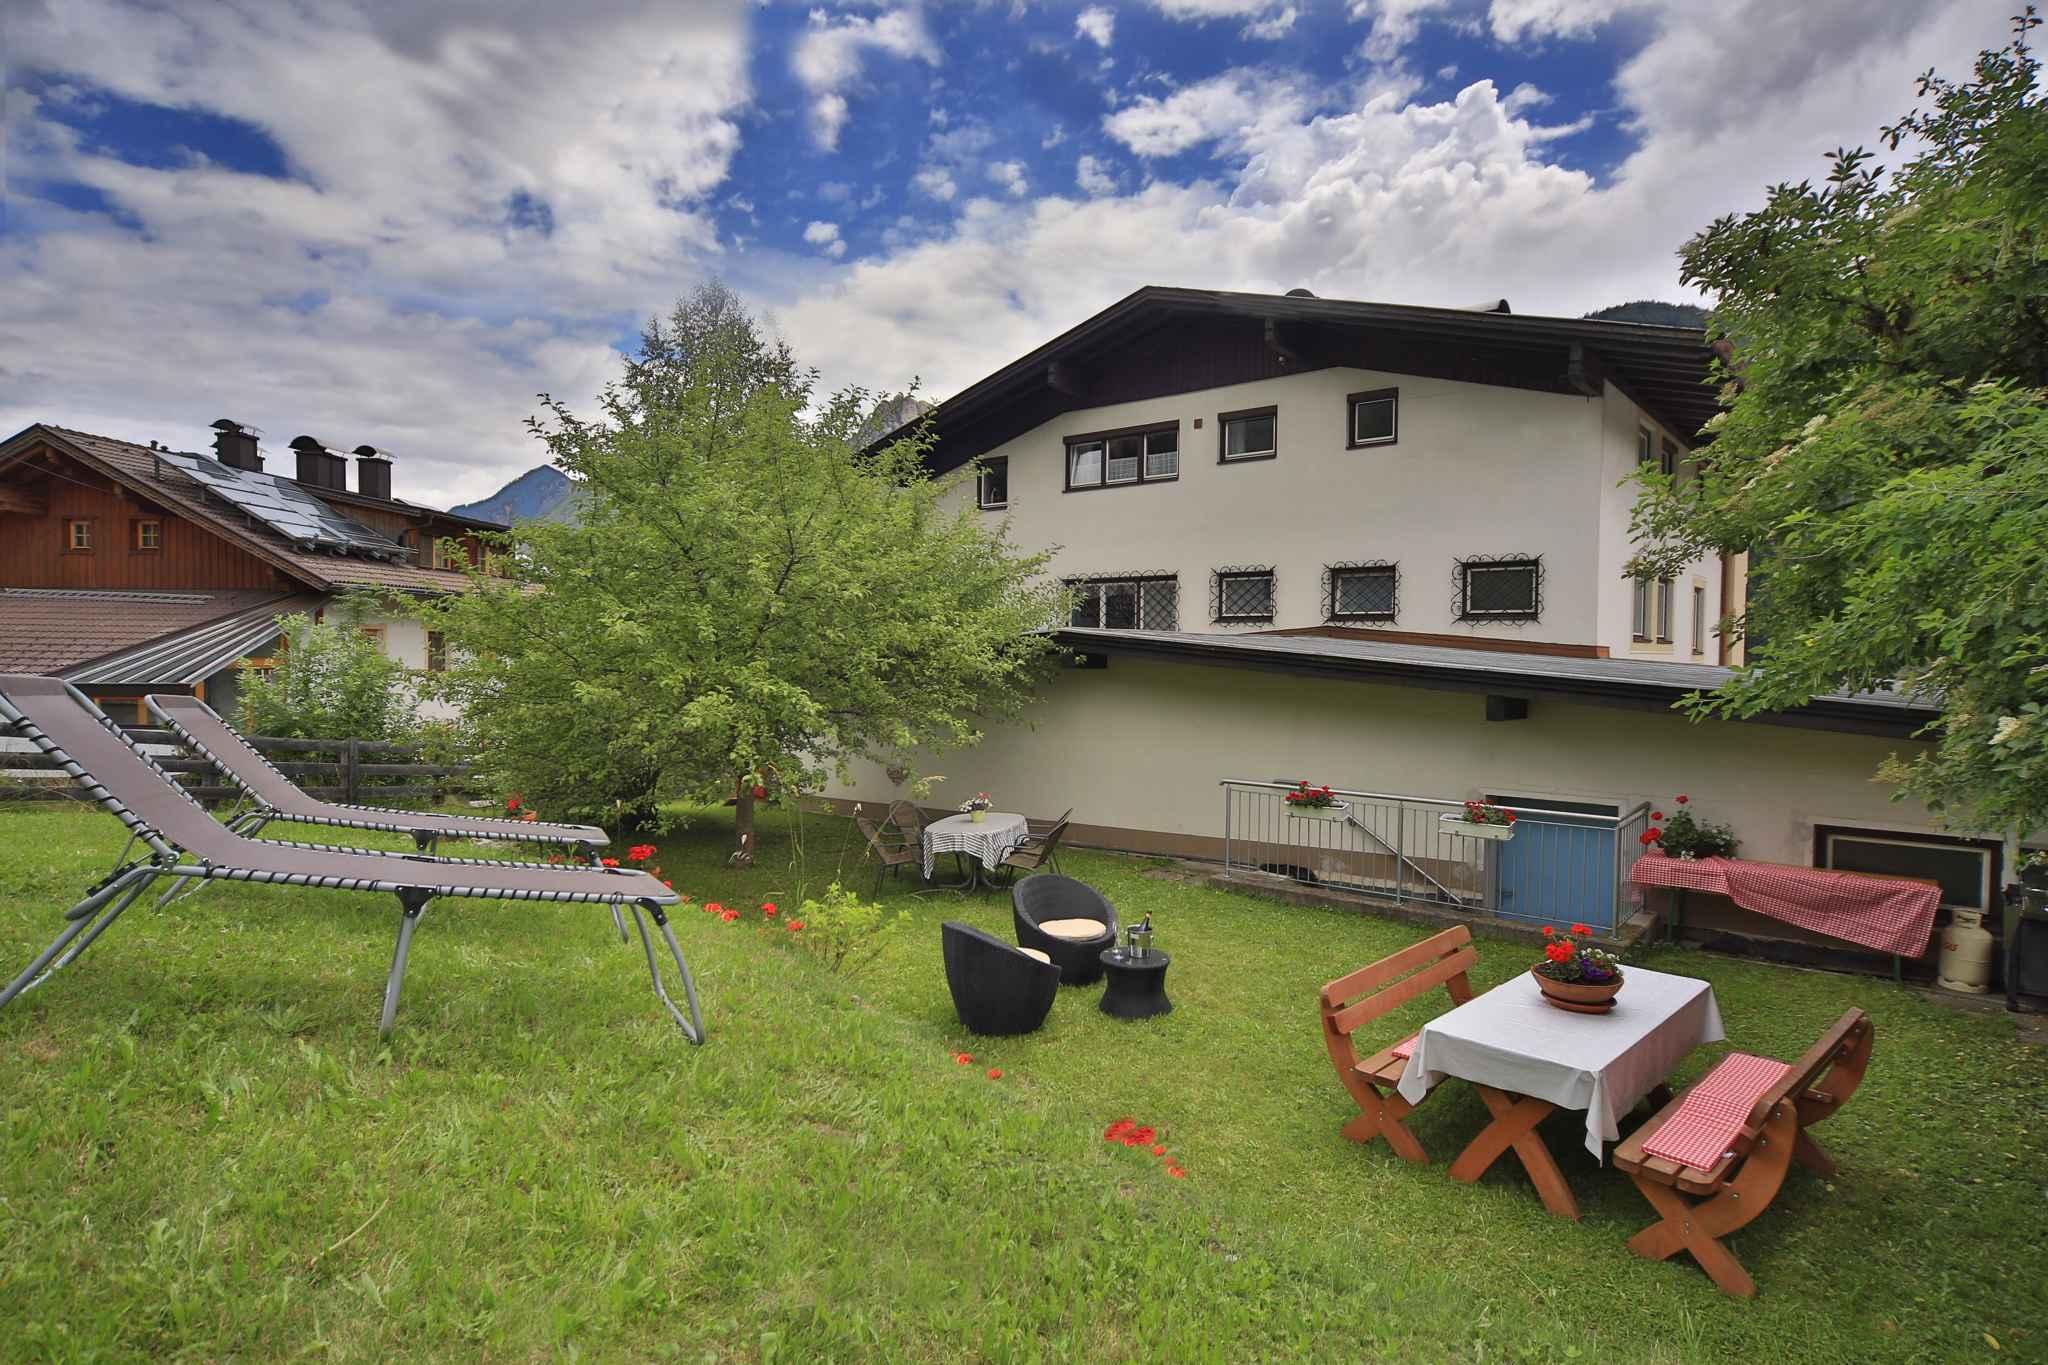 Ferienwohnung mit Blick auf die Bergwelt (1670896), Abfaltersbach, Osttirol, Tirol, Österreich, Bild 2